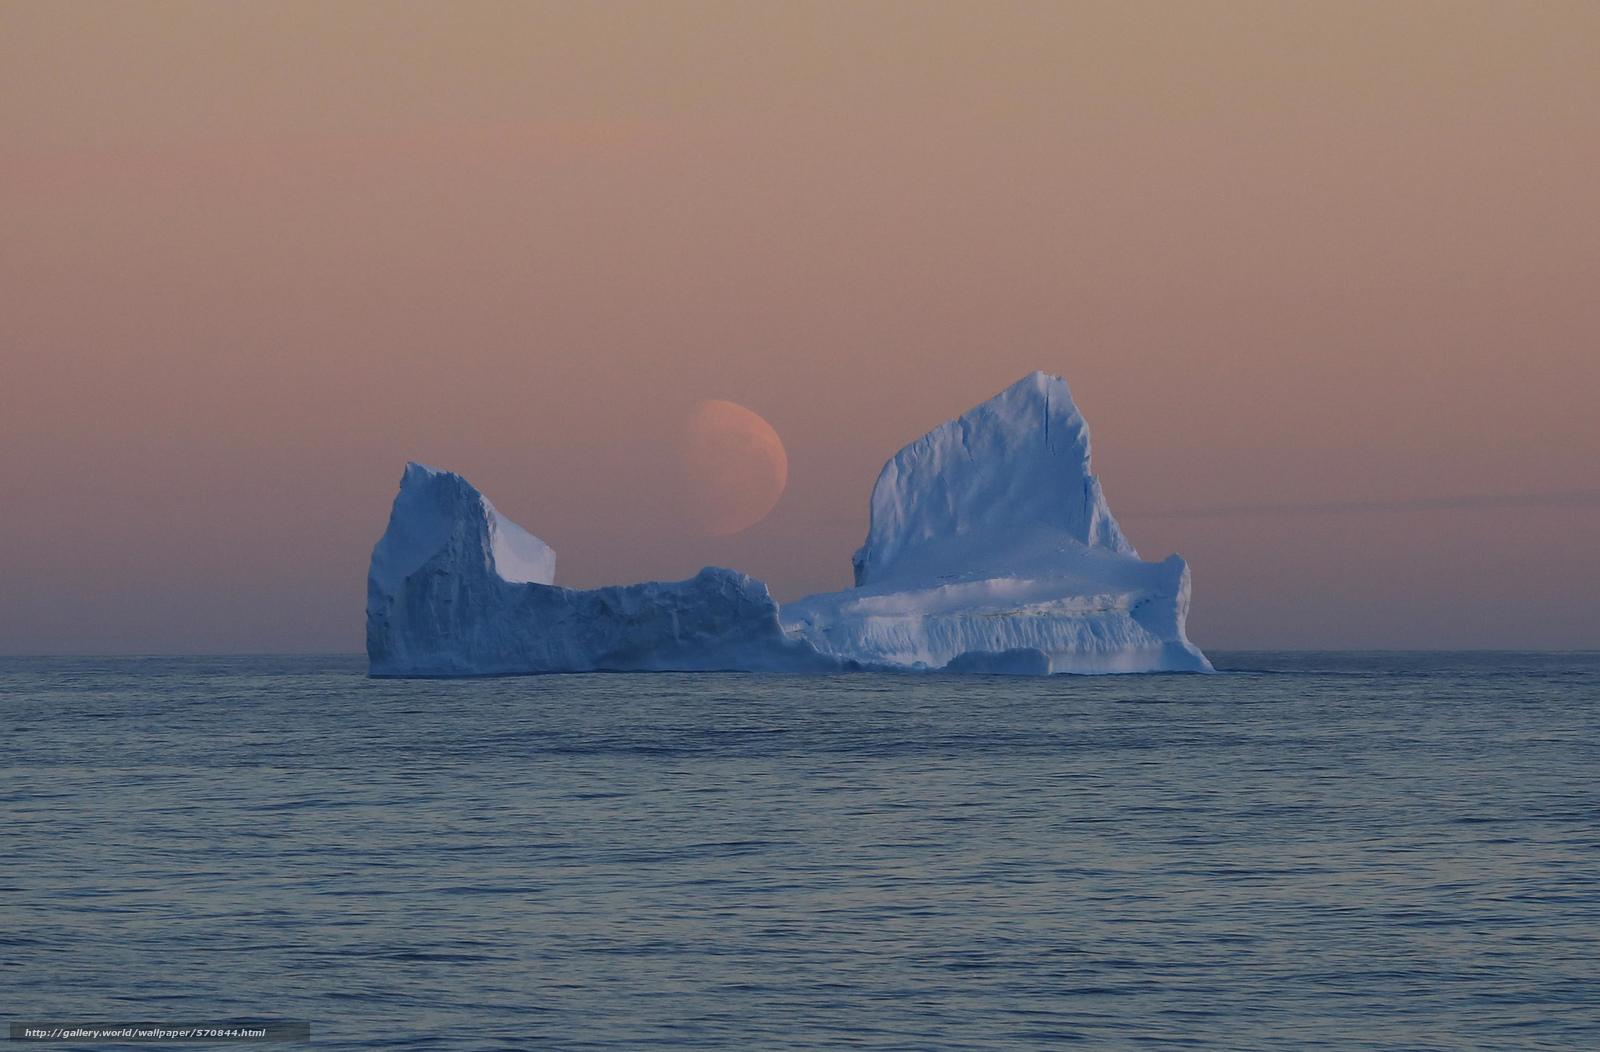 Скачать обои тихоокеанский сектор Южного океана,  море Росса,  Антарктида,  бледная луна бесплатно для рабочего стола в разрешении 2048x1346 — картинка №570844